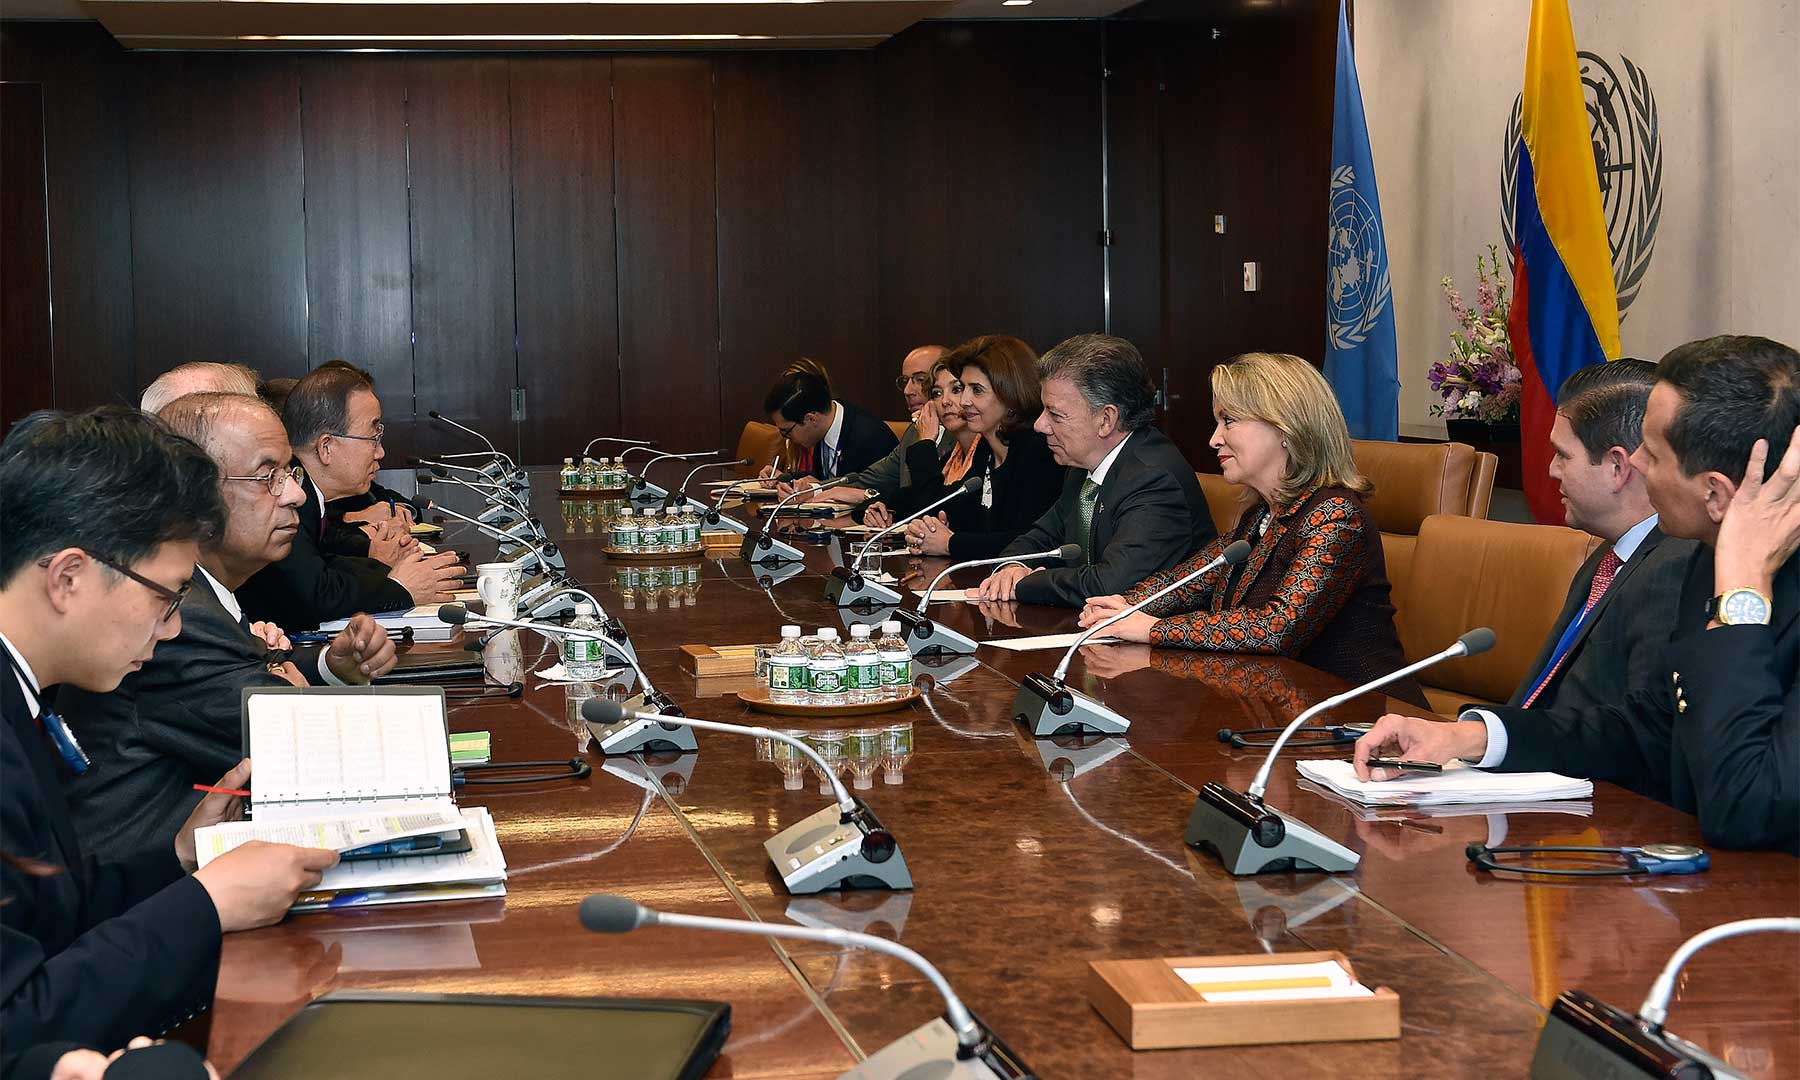 Este lunes el Presidente Juan Manuel Santos tuvo una entrevista con el Secretario de la ONU, Ban Ki-moon a quien agradeció los buenos oficios del organismo para lograr el acuerdo y su disposición para conseguir una paz estable y duradera.